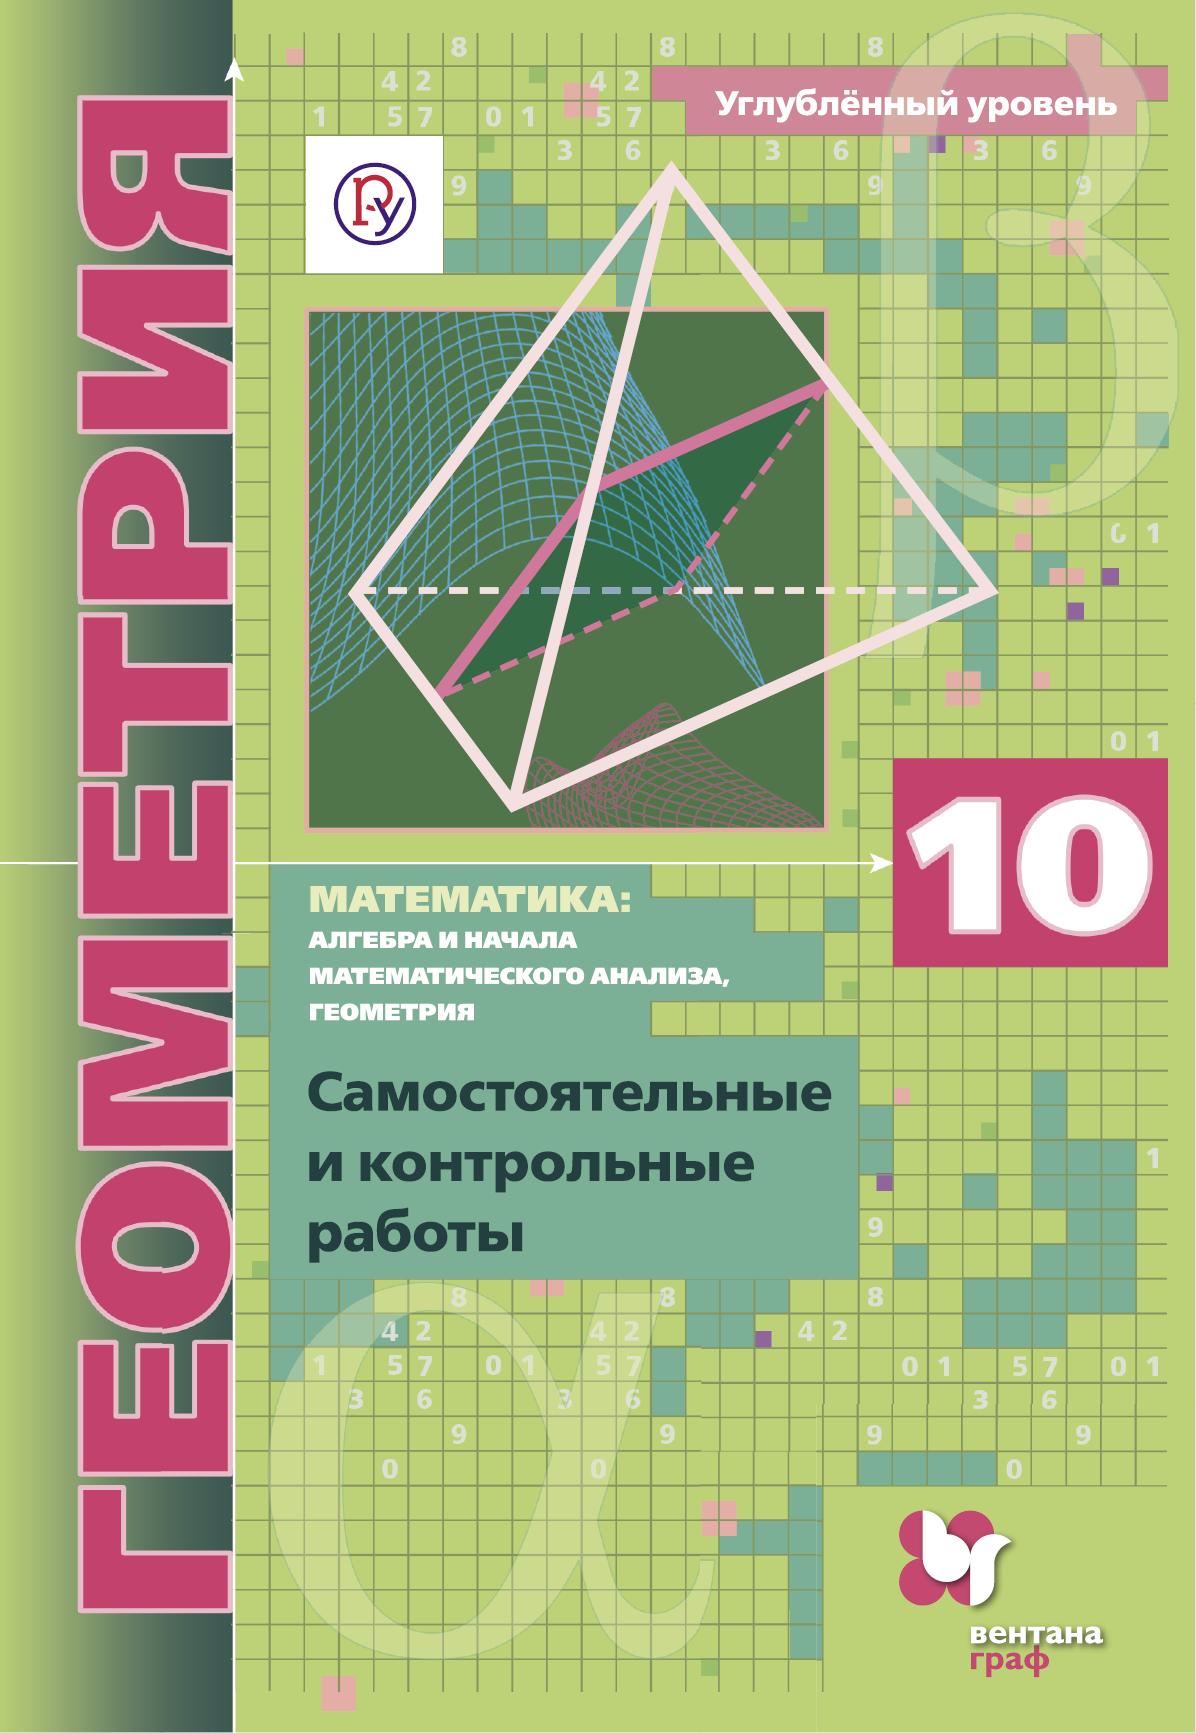 Фото - Мерзляк А.Г., Полонский В.Б., Рабинович Е.М. Математика: алгебра и начала математического анализа, геометрия. Геометрия. 10 кл. Самостоятельные и контрольные работы (углубленный уровень) мерзляк а полонский в рабинович е якир м математика алгебра и начала математического анализа геометрия геометрия самостоятельные и ко